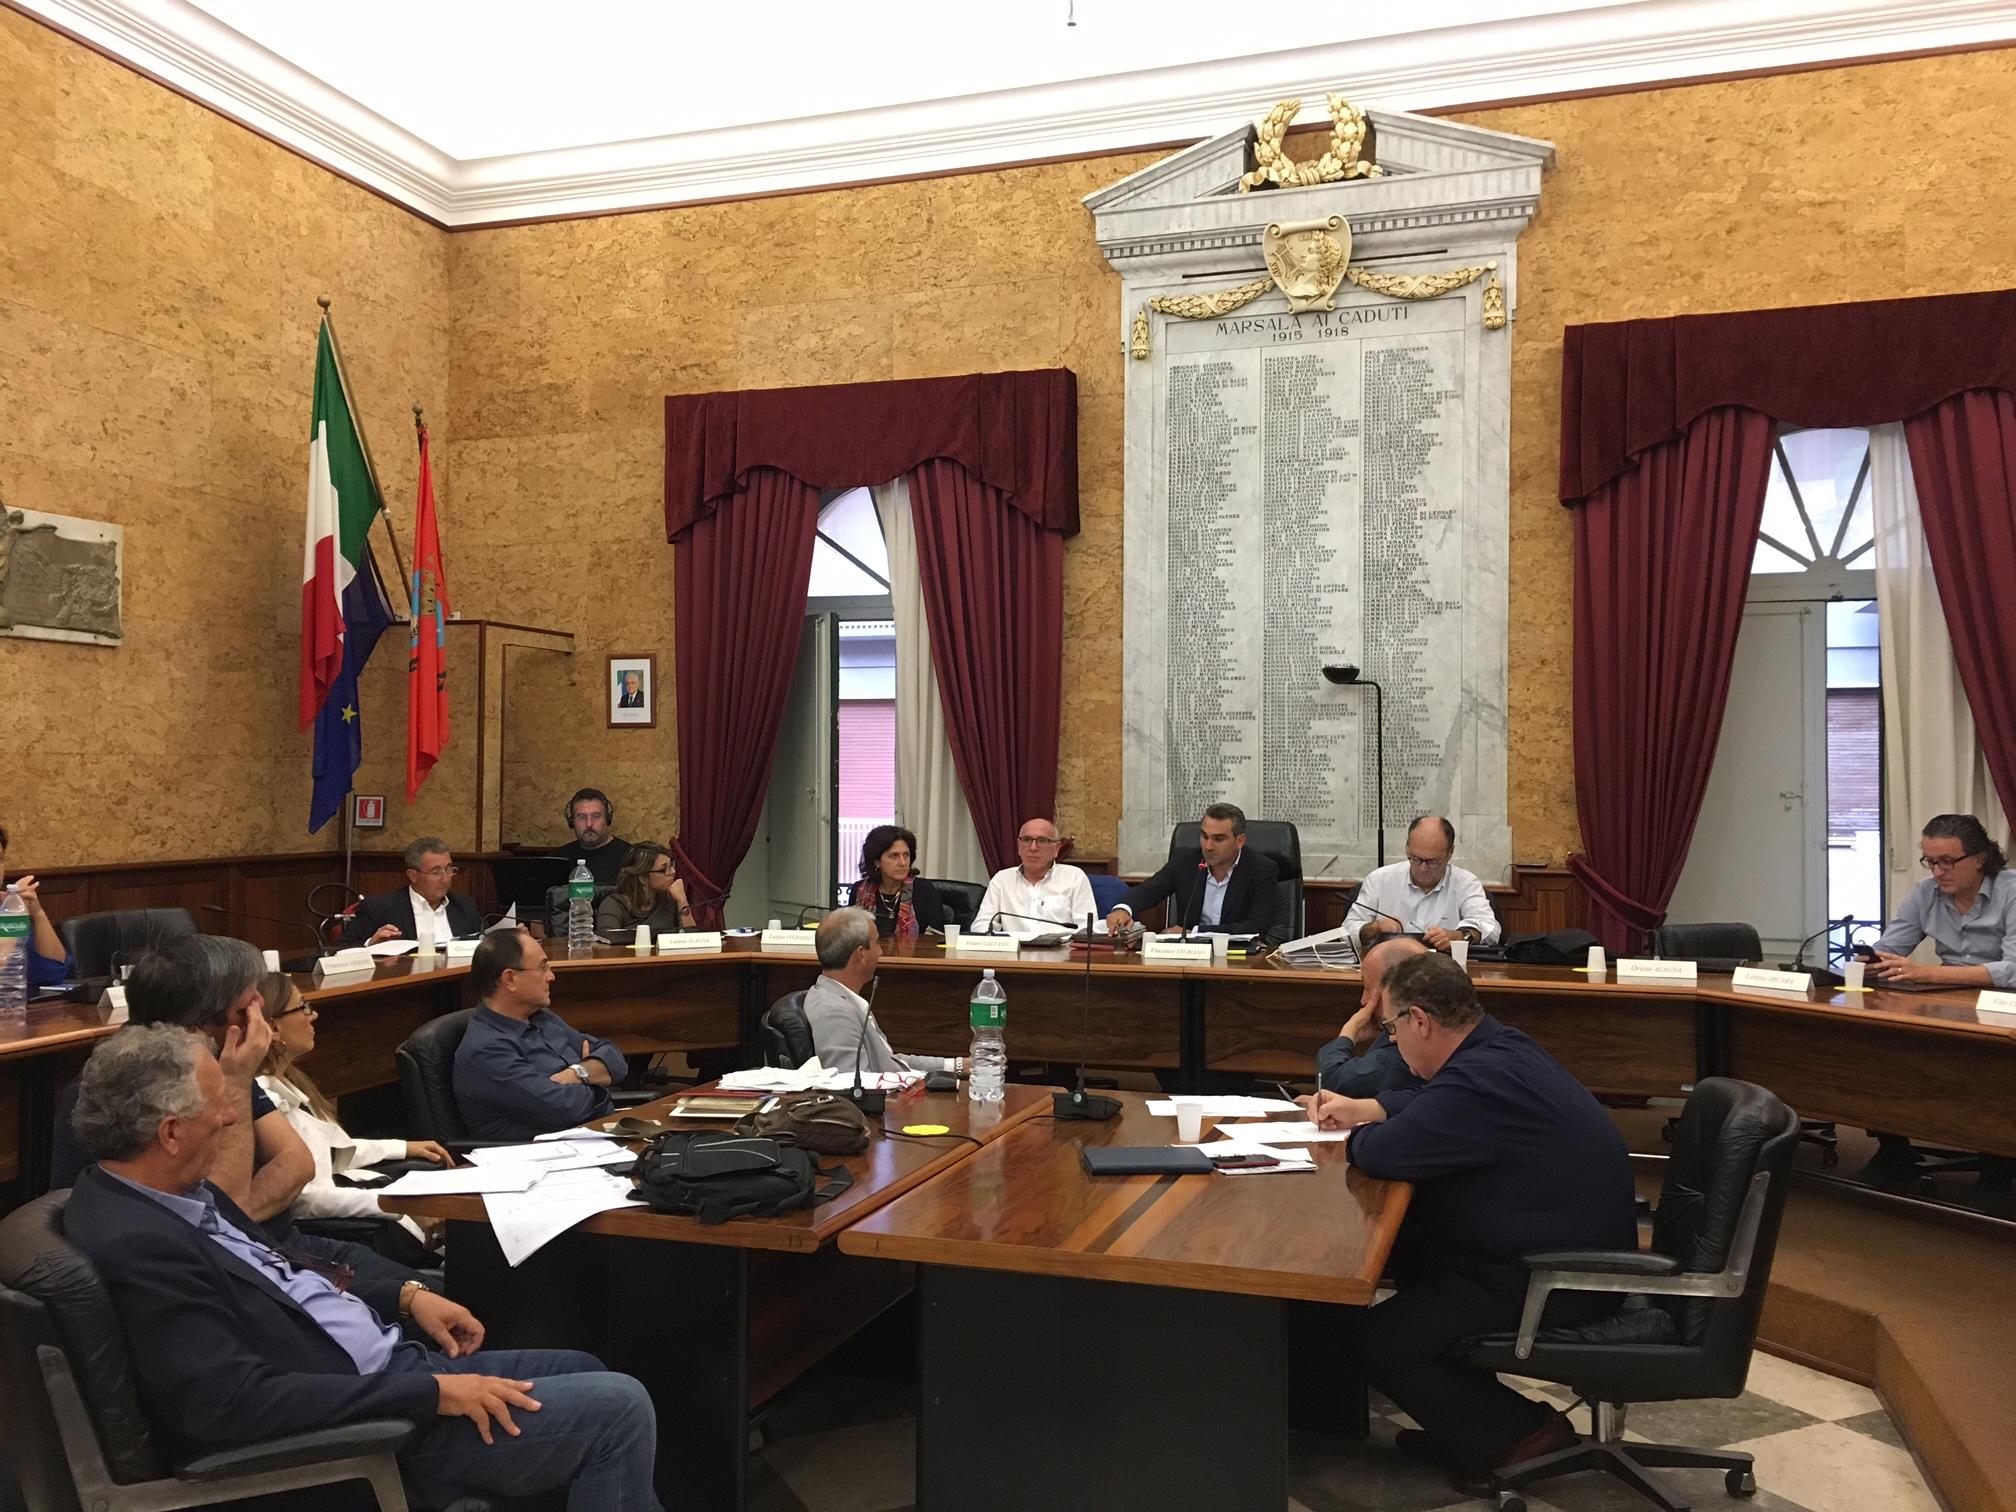 Consiglio comunale: manca ancora il numero legale e salta la sessione. Il 28 si torna in aula